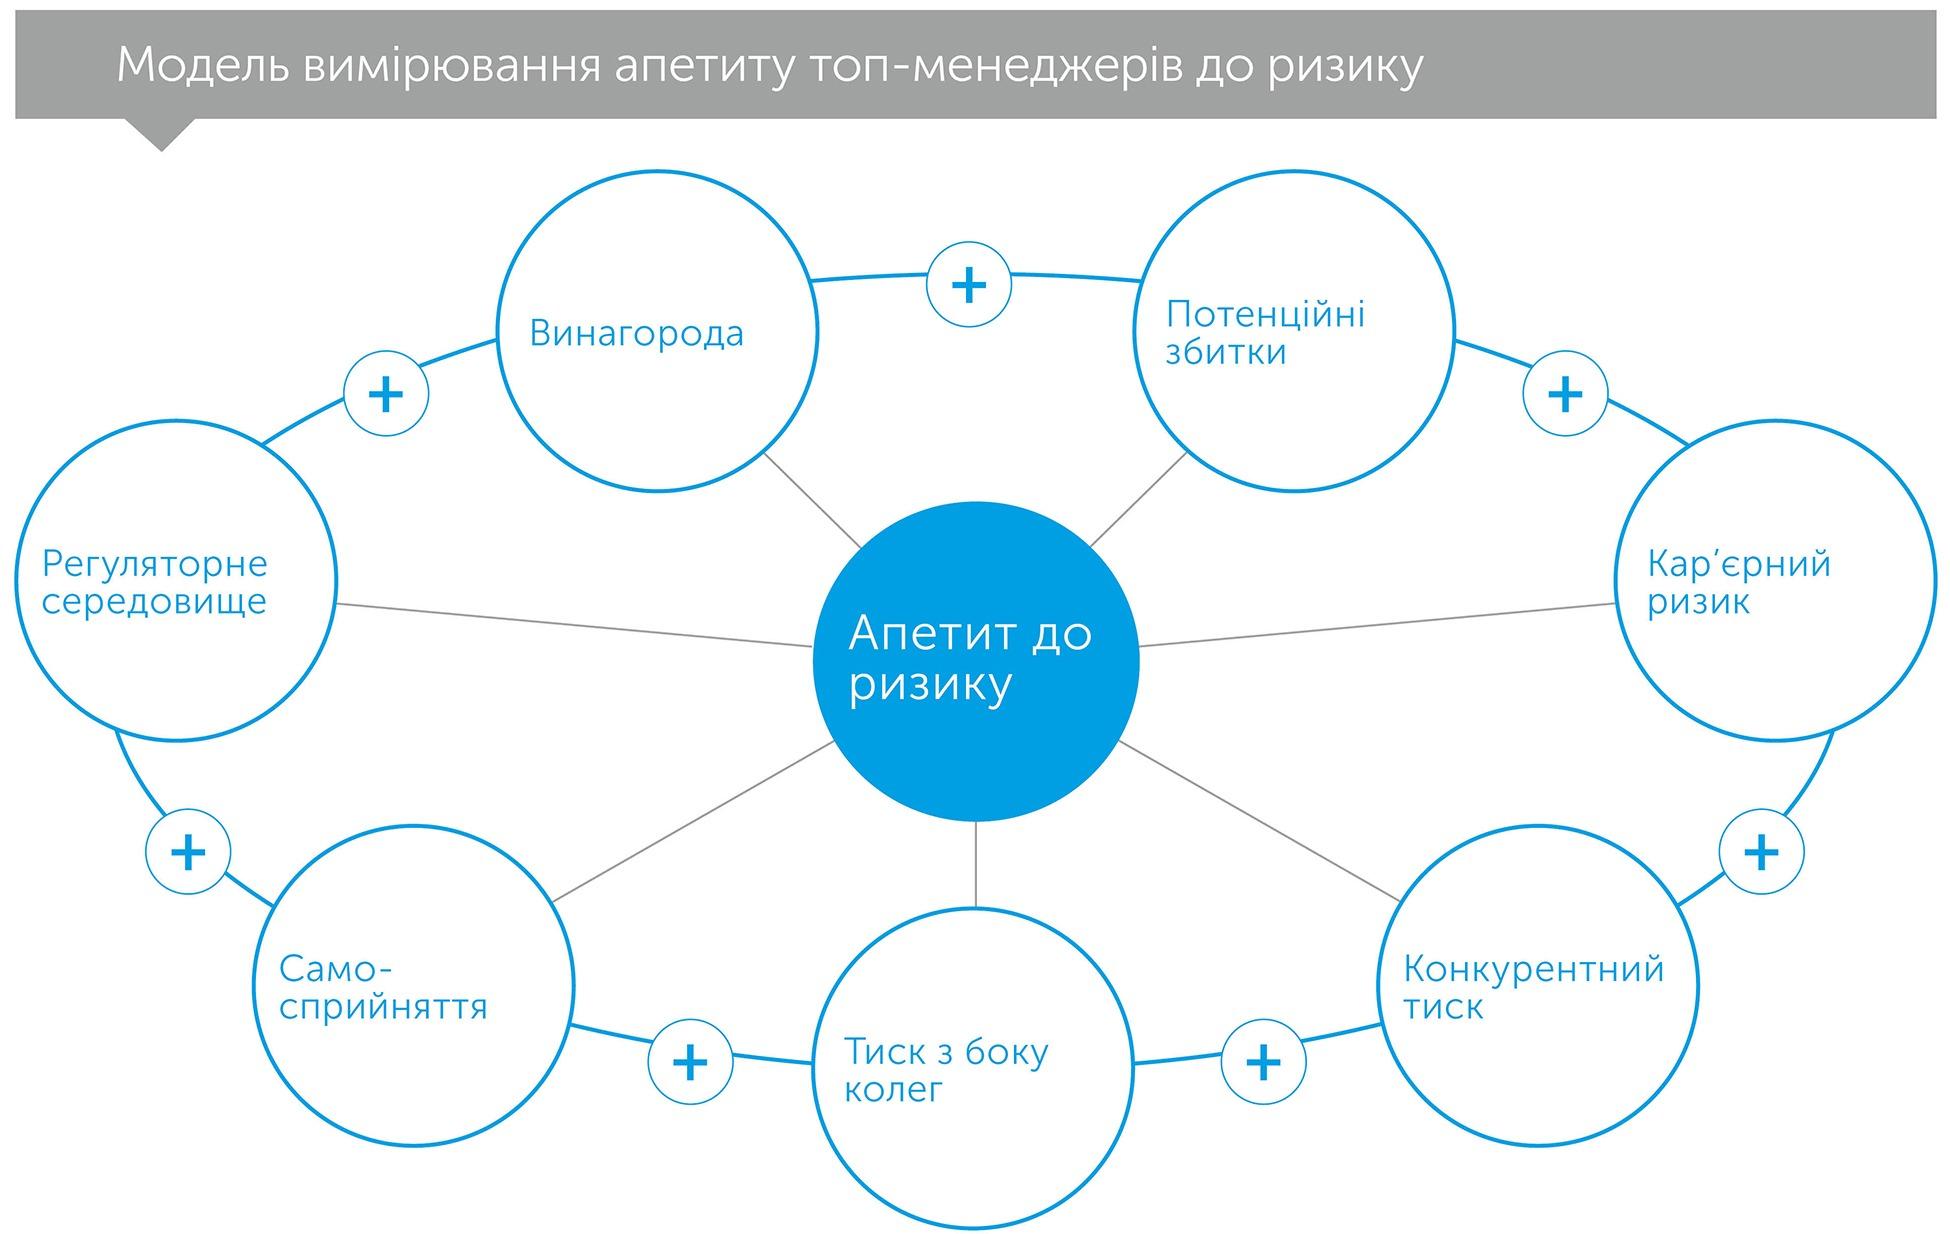 Адаптивні ринки, автор Ендрю Ло | Kyivstar Business Hub, зображення №3